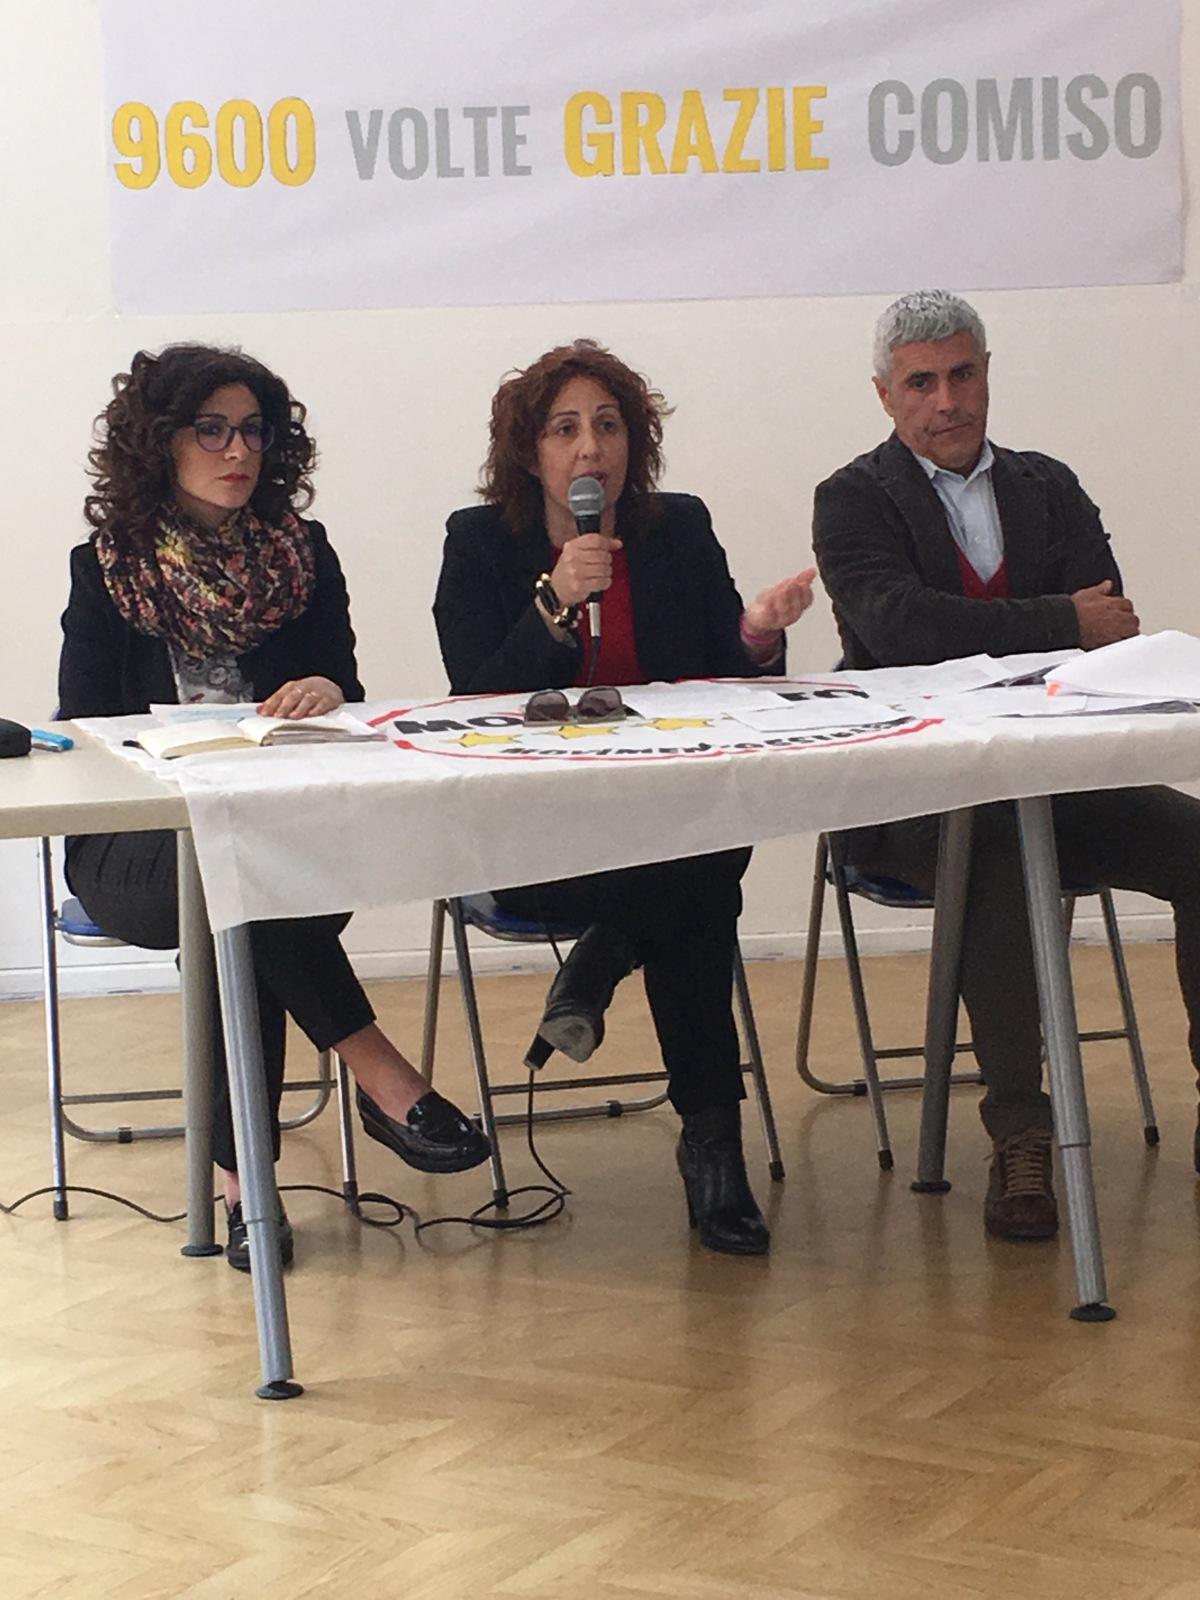 Ferreri, Lorefice, Meetup M5S Comiso: «Sarà la magistratura a far luce sul project financing per il cimiterocittadino»